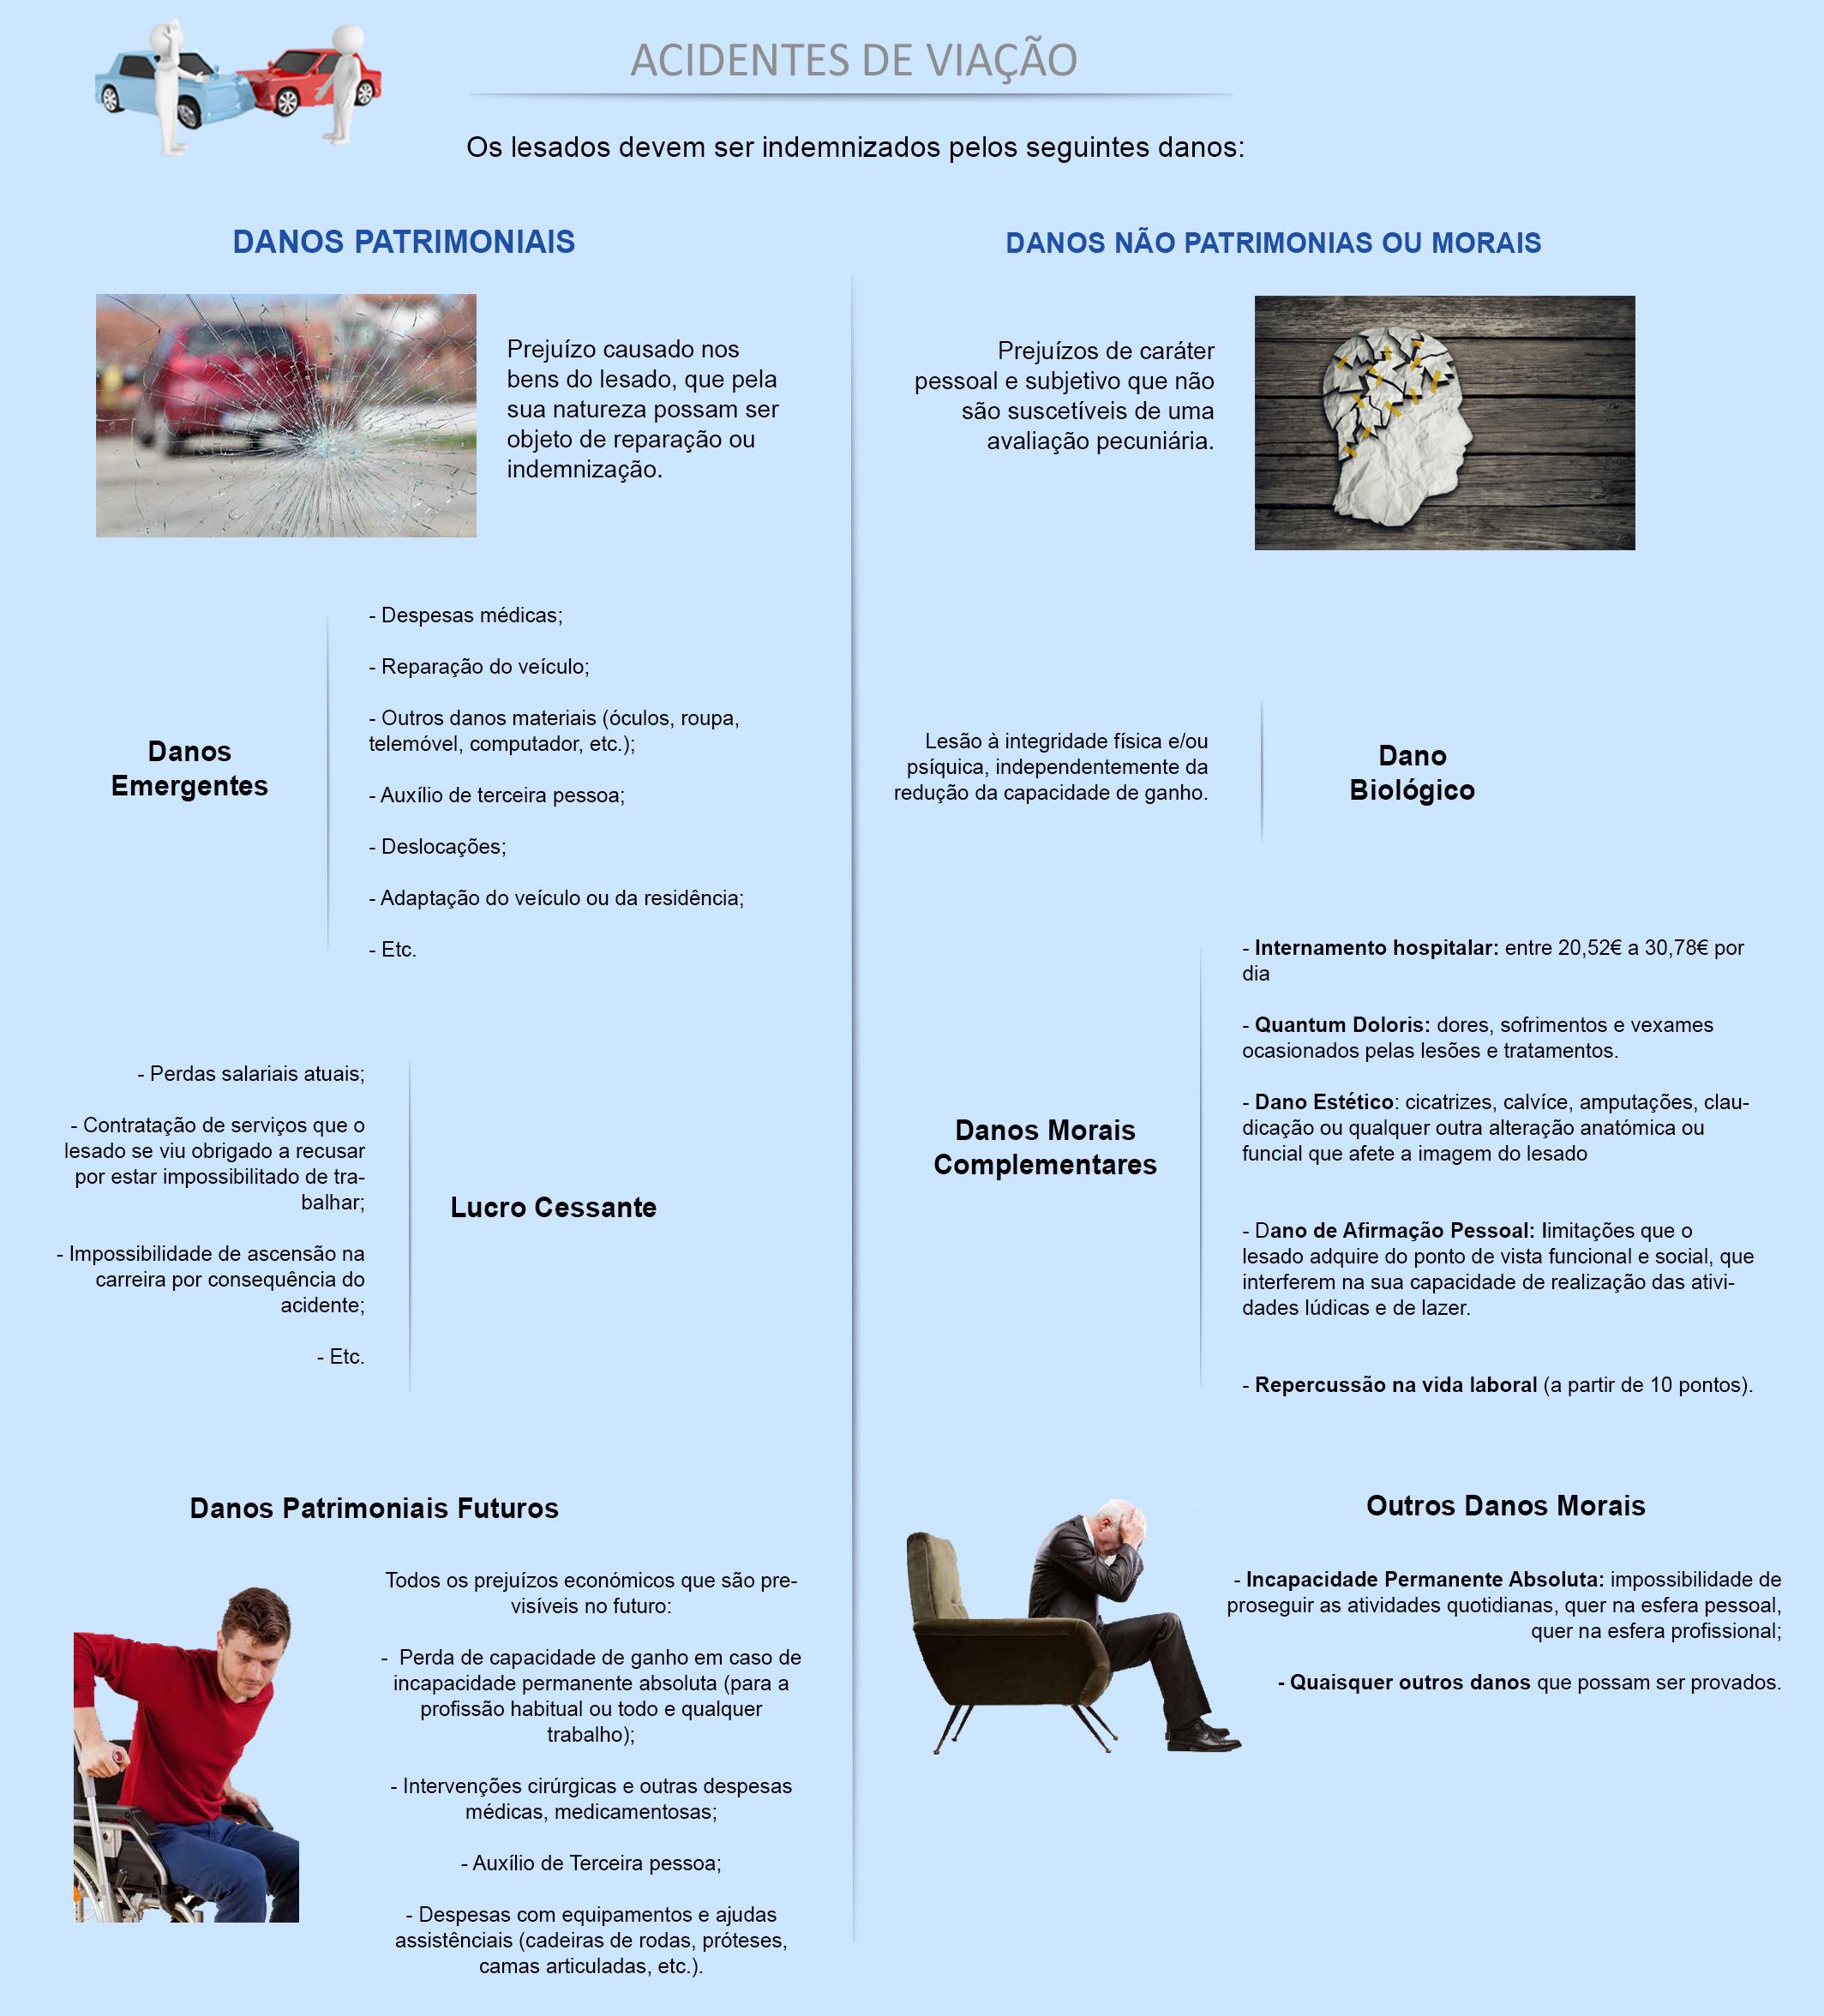 Infografia exemplificava dos passos a seguir para reclamar uma indemnização por acidente de viação